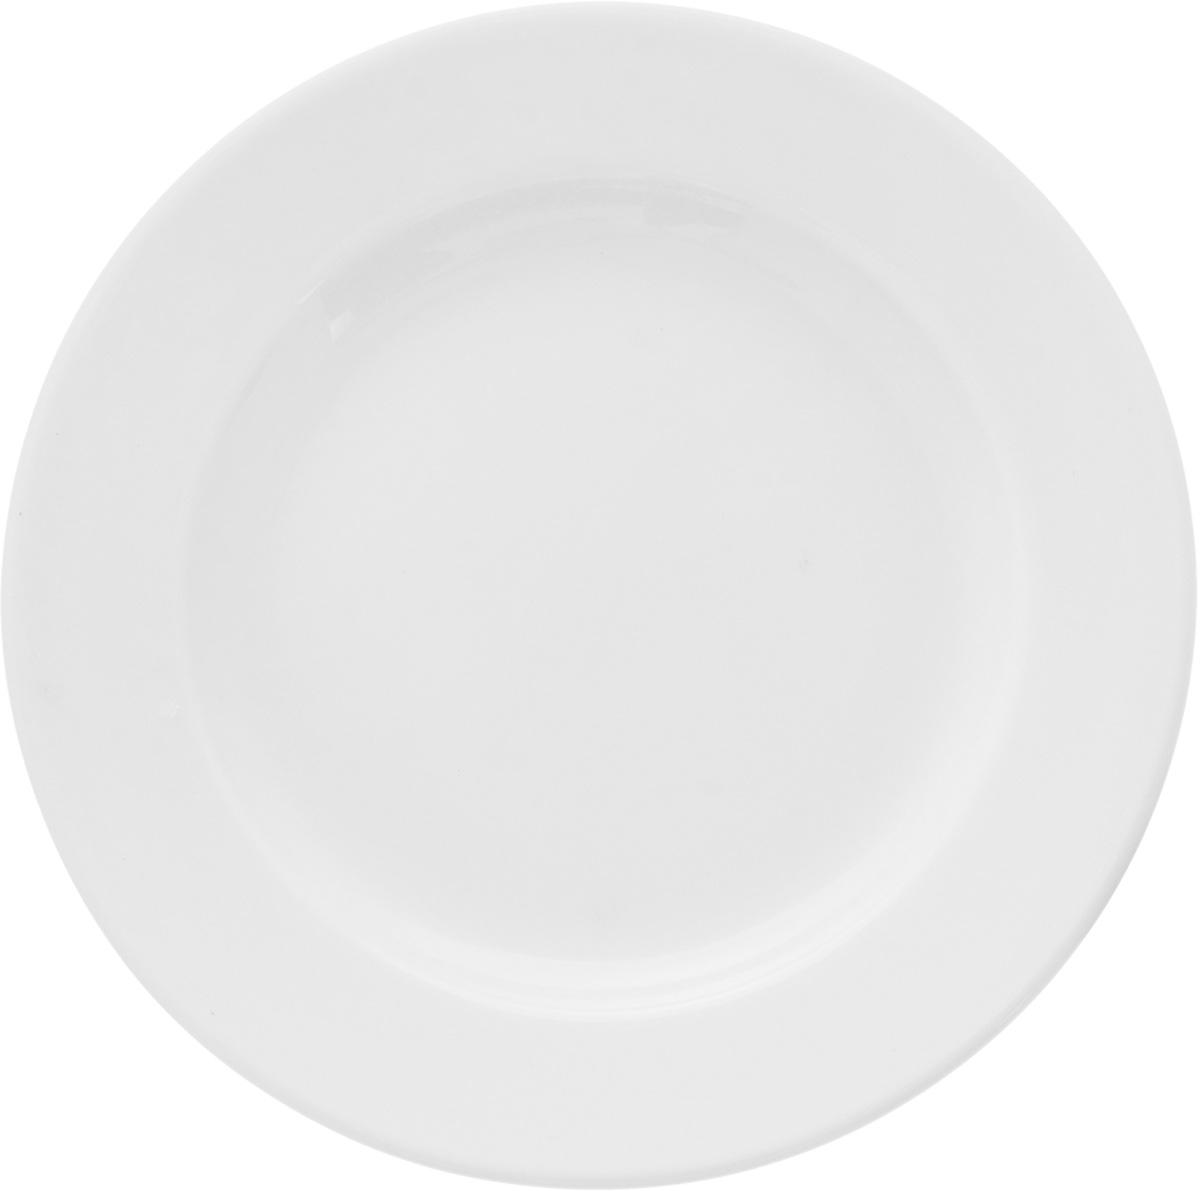 Тарелка мелкая Ariane Прайм, диаметр 14,5 смAPRARN11015Мелкая тарелка Ariane Прайм, изготовленная из высококачественного фарфора, имеет классическую круглую форму. Такая тарелка прекрасно подходит как для торжественных случаев, так и для повседневного использования. Идеальна для подачи десертов, пирожных, тортов и многого другого. Она прекрасно оформит стол и станет отличным дополнением к вашей коллекции кухонной посуды. Можно мыть в посудомоечной машине и использовать в микроволновой печи. Высота: 2 см. Диаметр тарелки: 14,5 см.